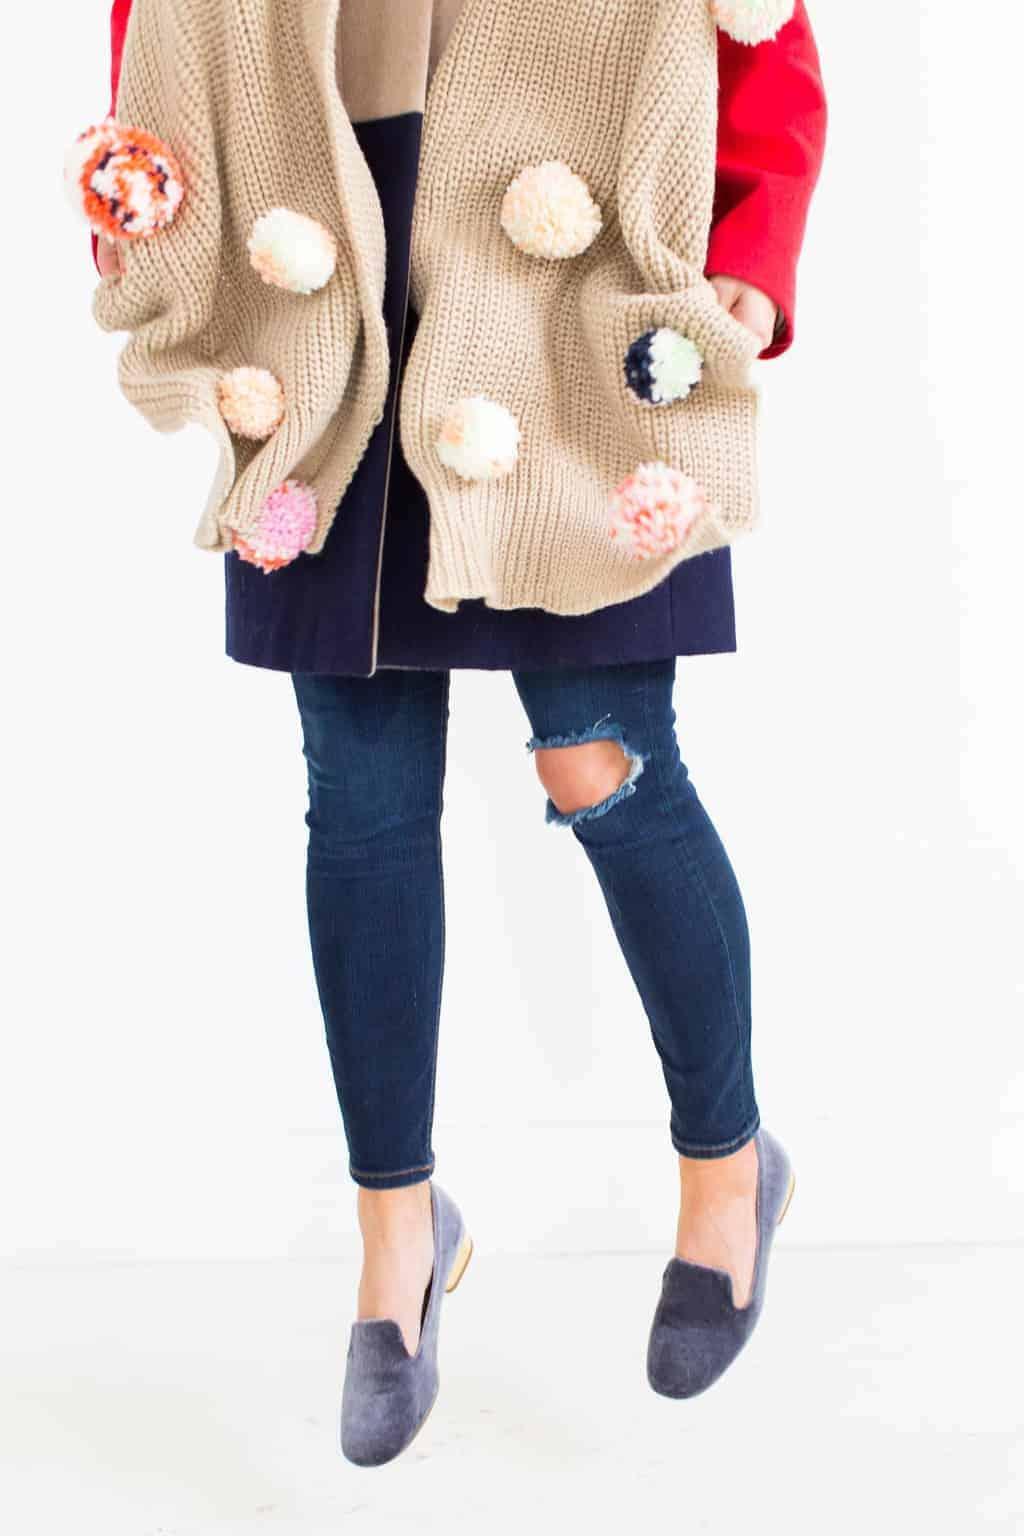 DIY Statement Pom Pom Scarf by Ashley Rose of the award winning DIY and lifestyle blog, Sugar & Cloth.